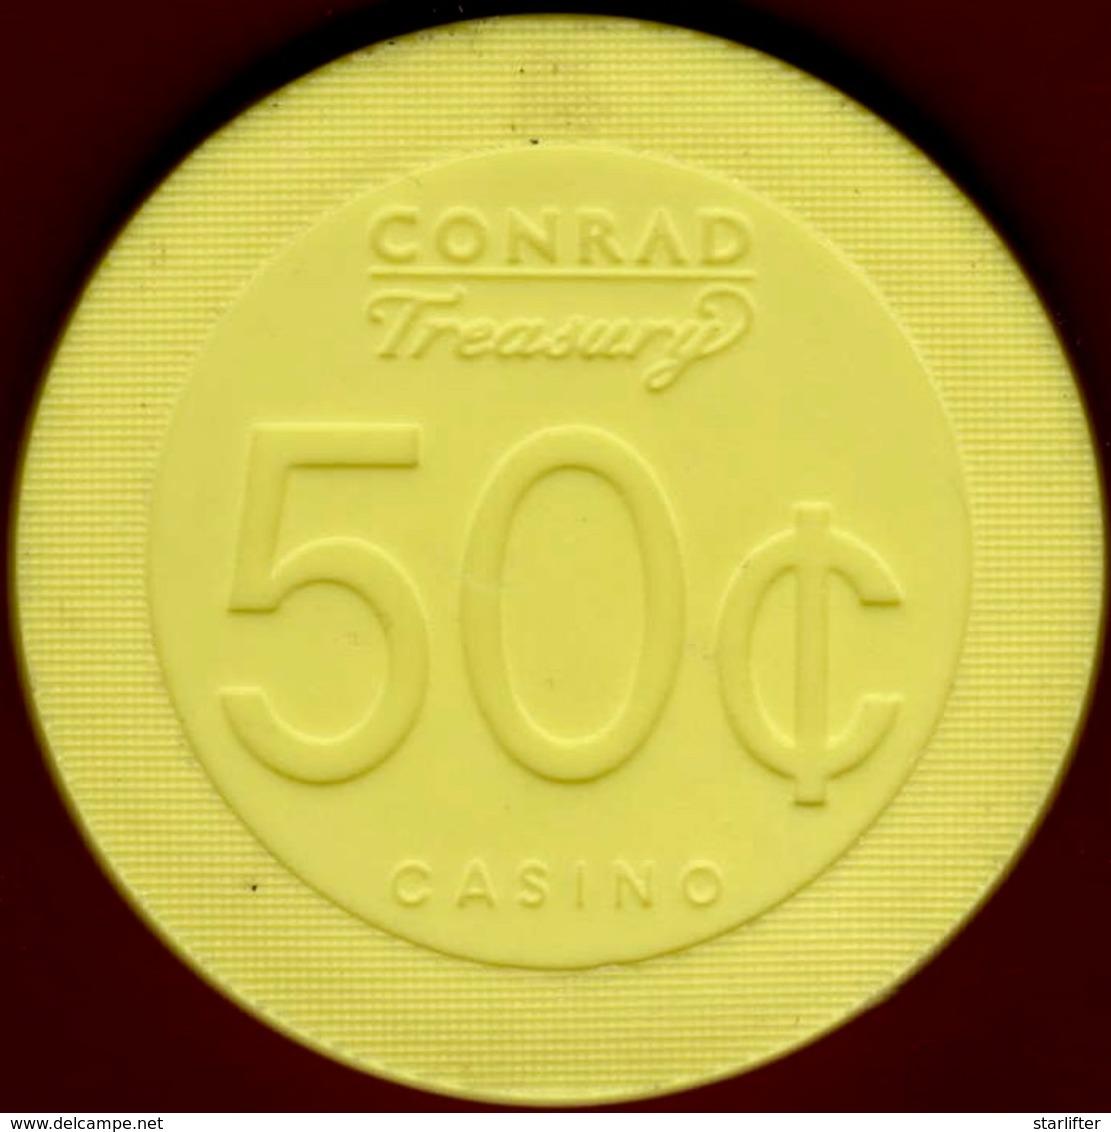 50¢ Casino Chip. Treasury, Birsbane, Australia. I01. - Casino